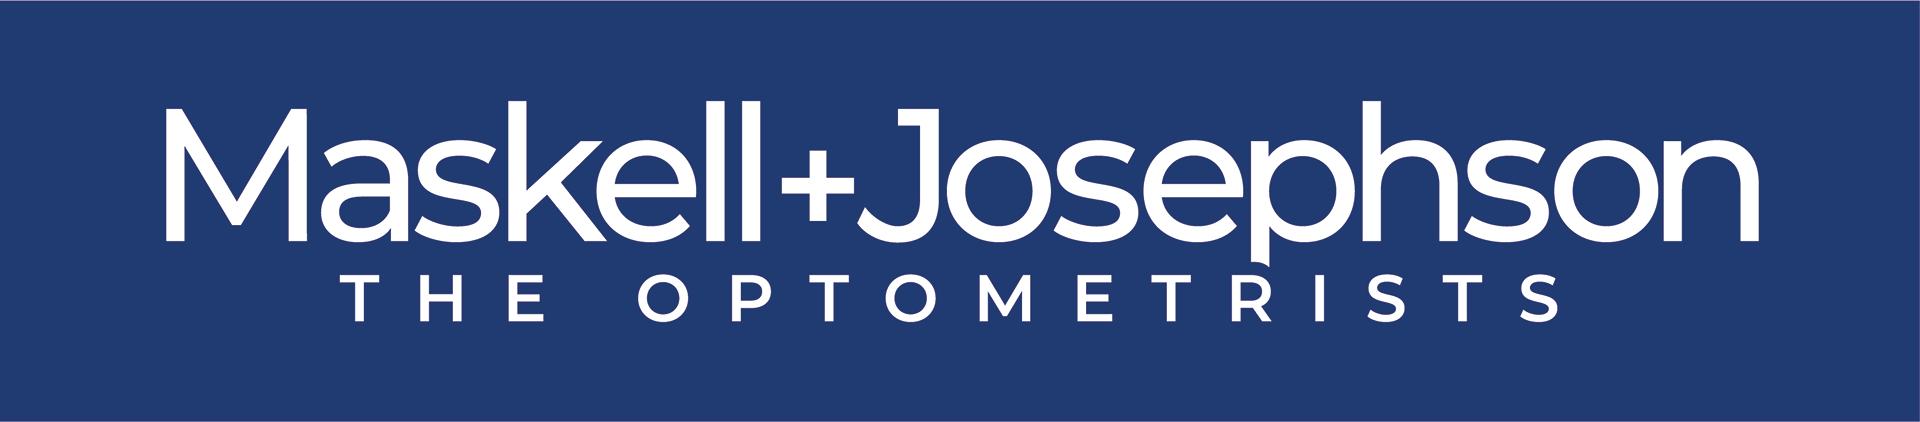 Maskell_Josephson_Logo_Banner